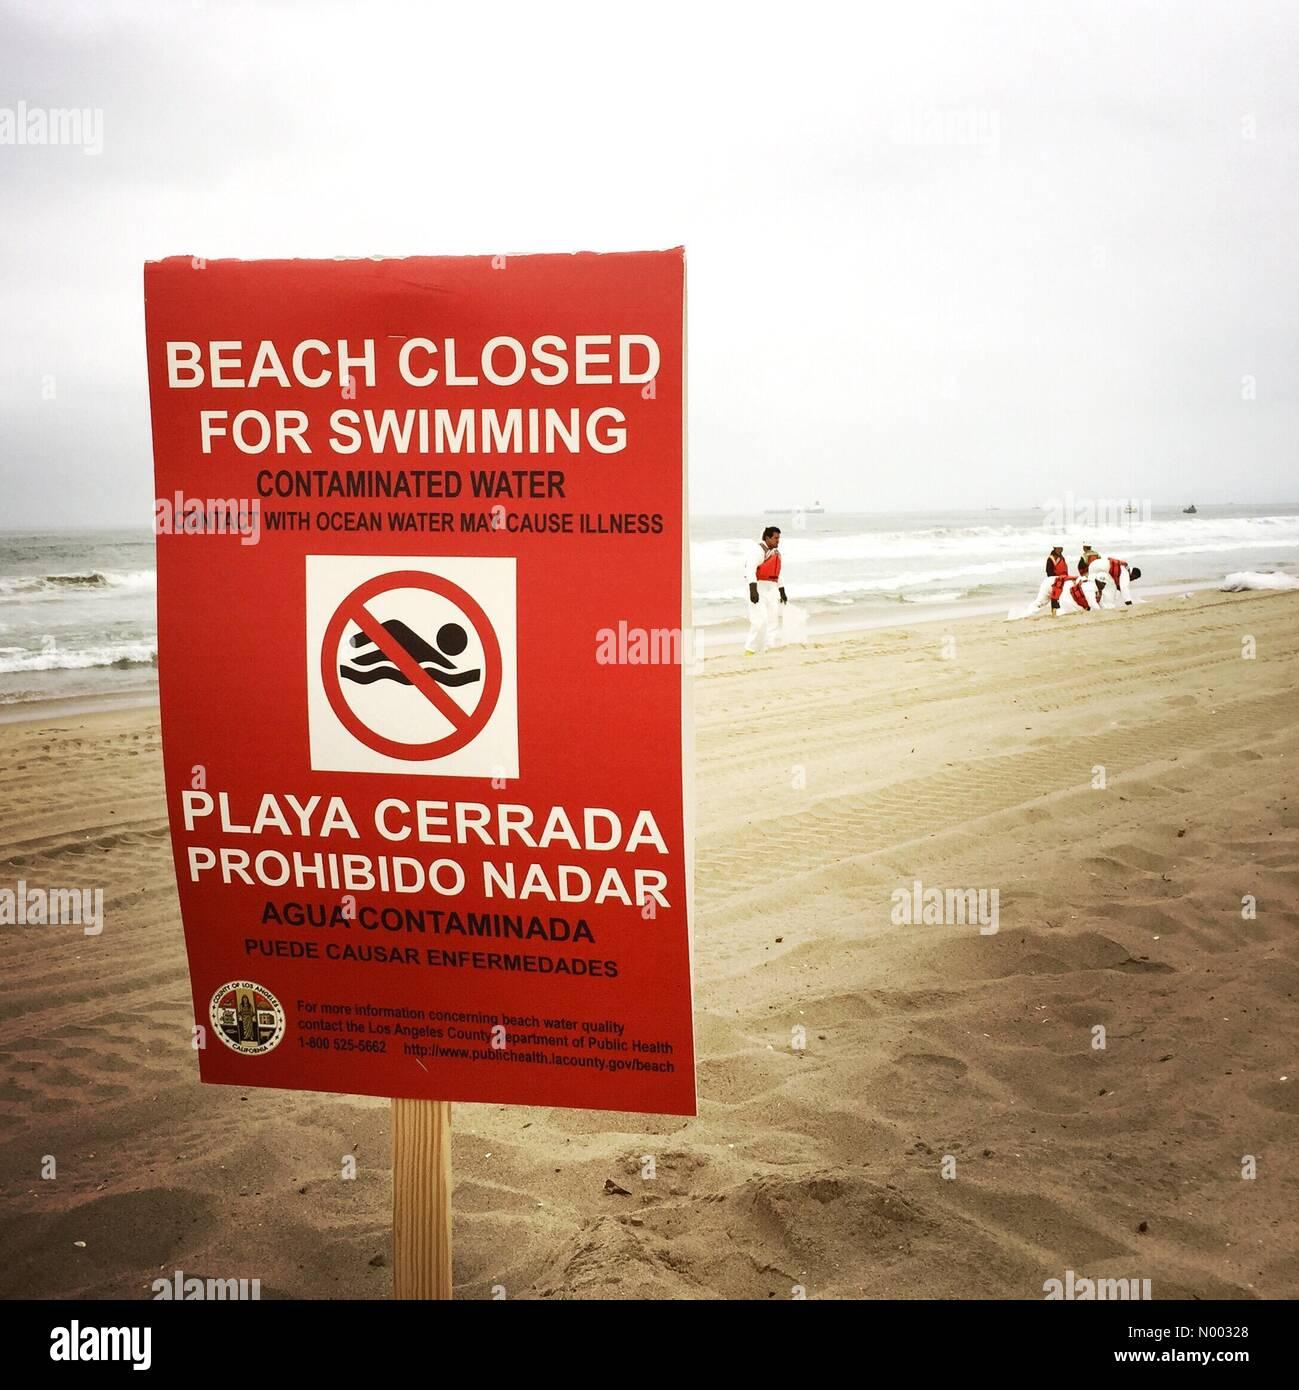 Manhattan Beach, California, USA  28th May, 2015  A closed